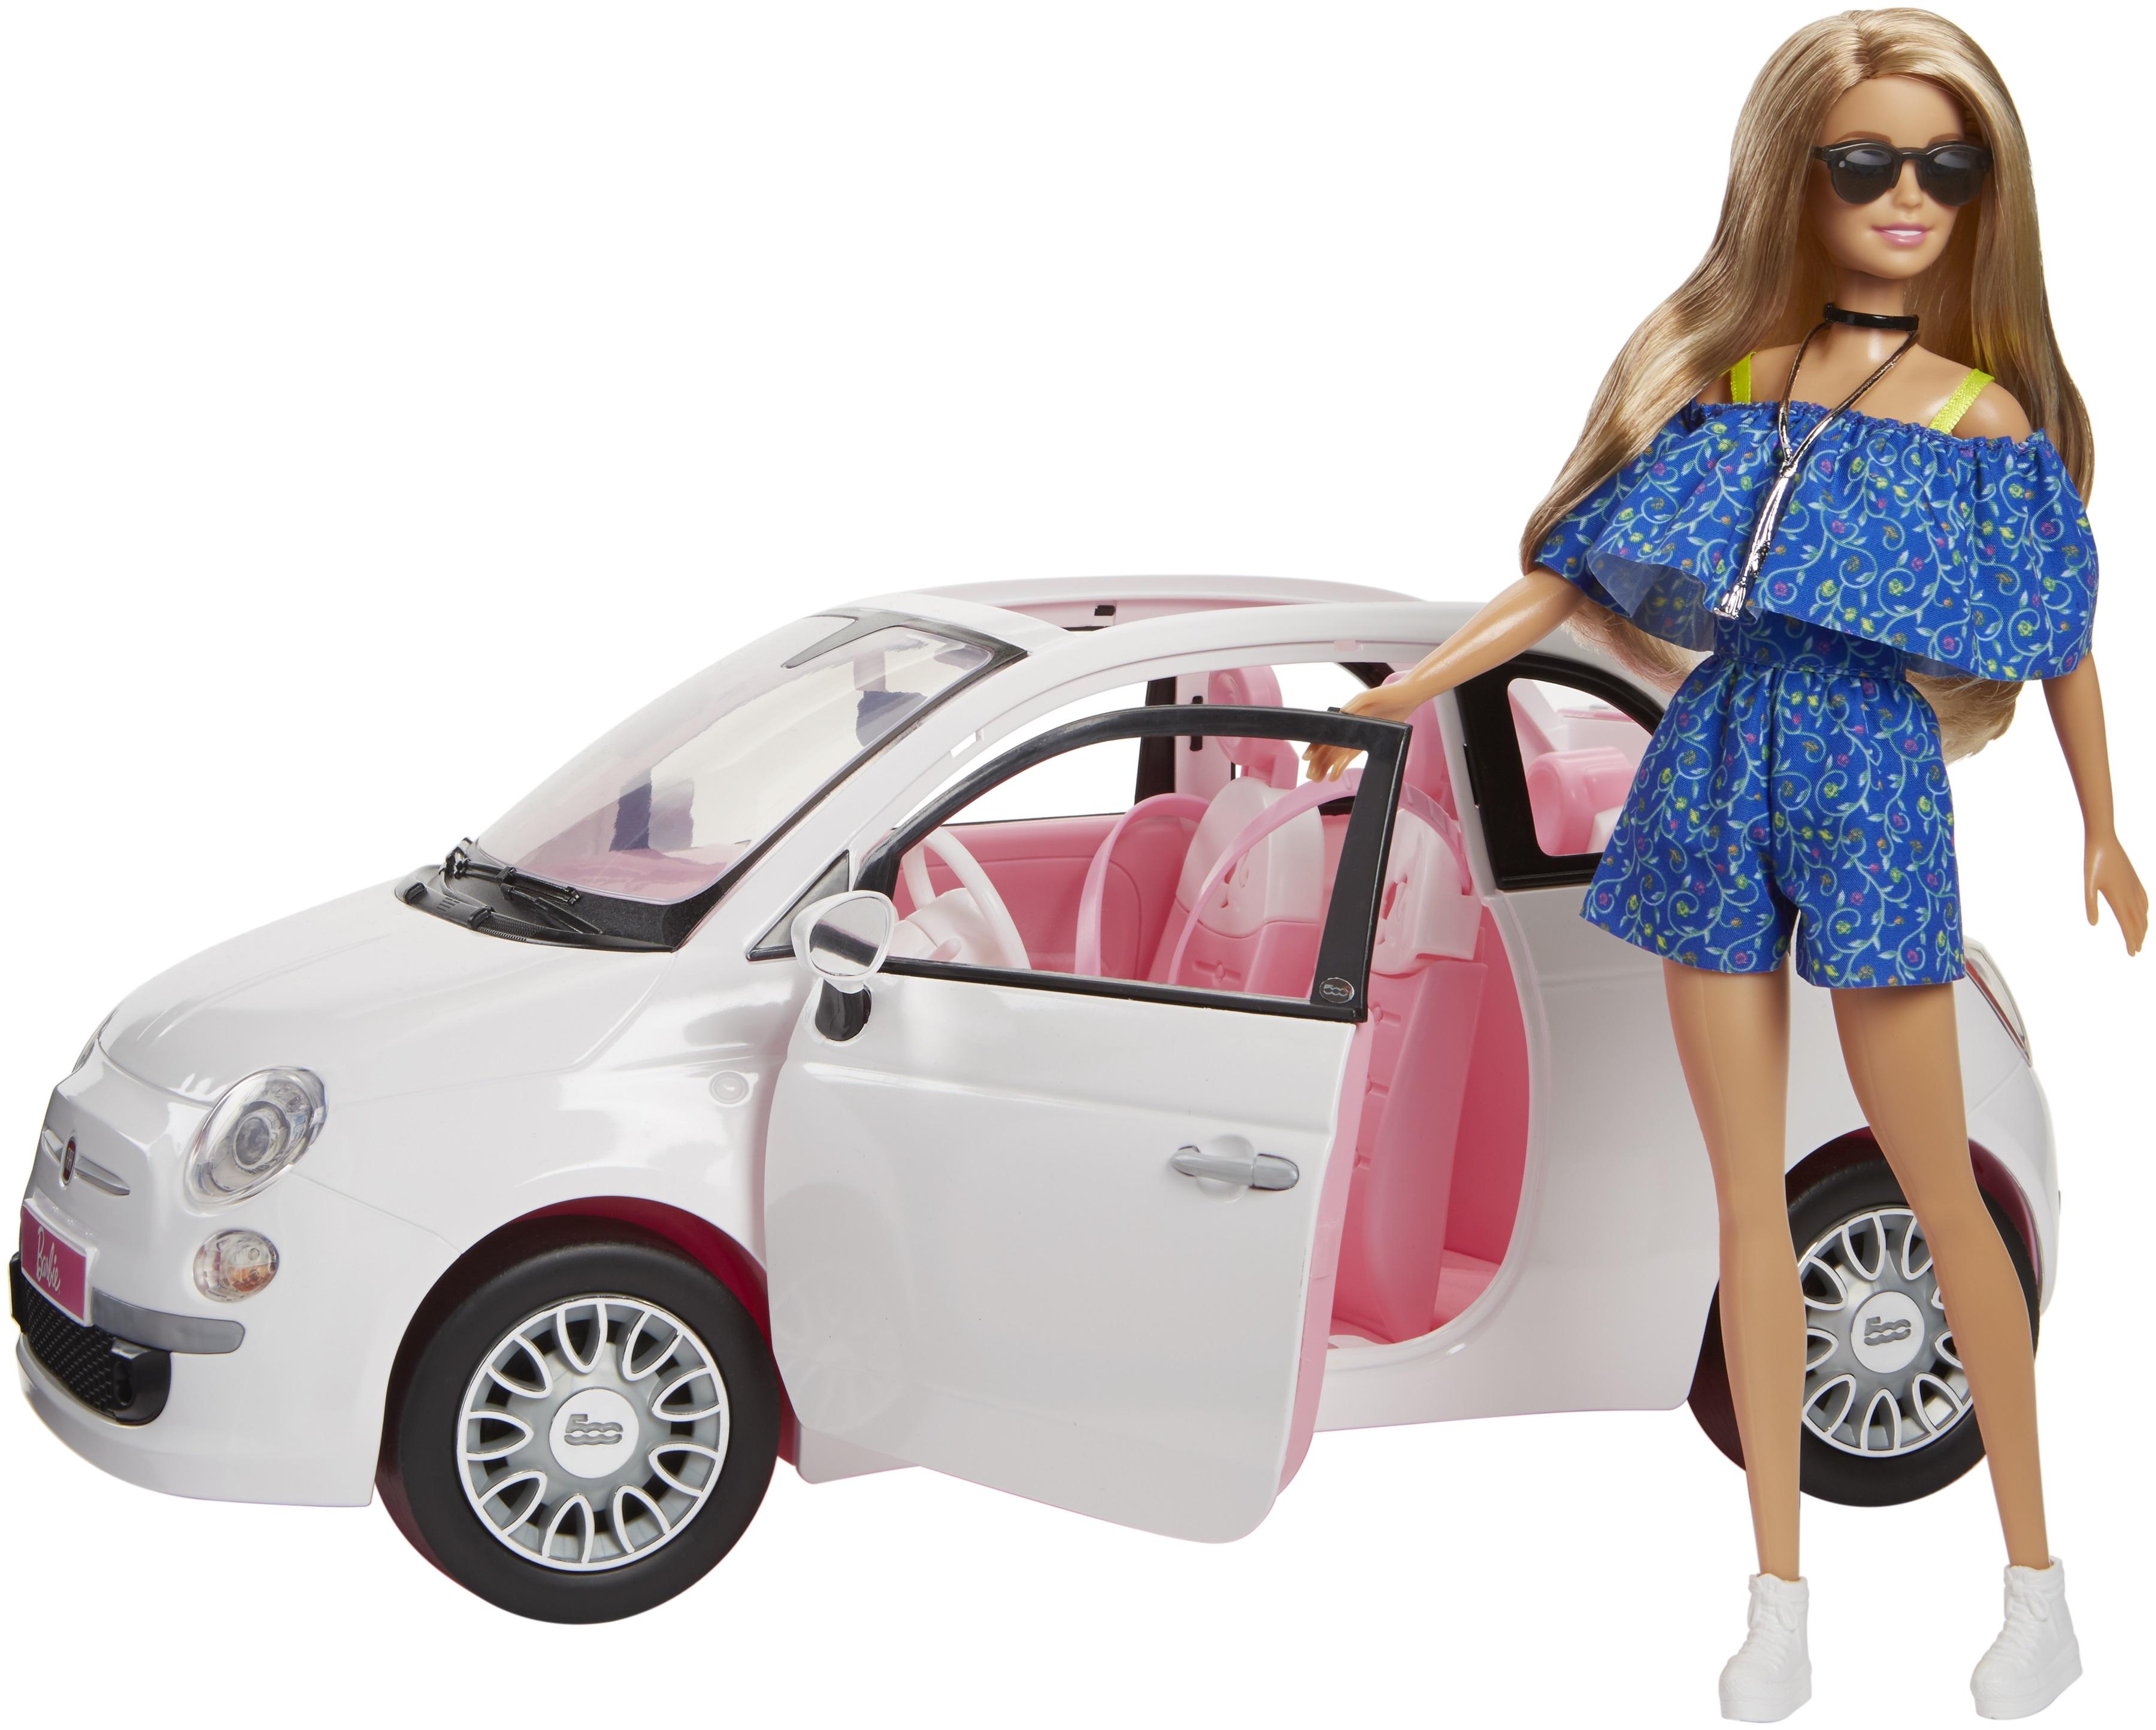 Ufficio Di Barbie : Barbie accessori bambola la casa dei sogni amazon